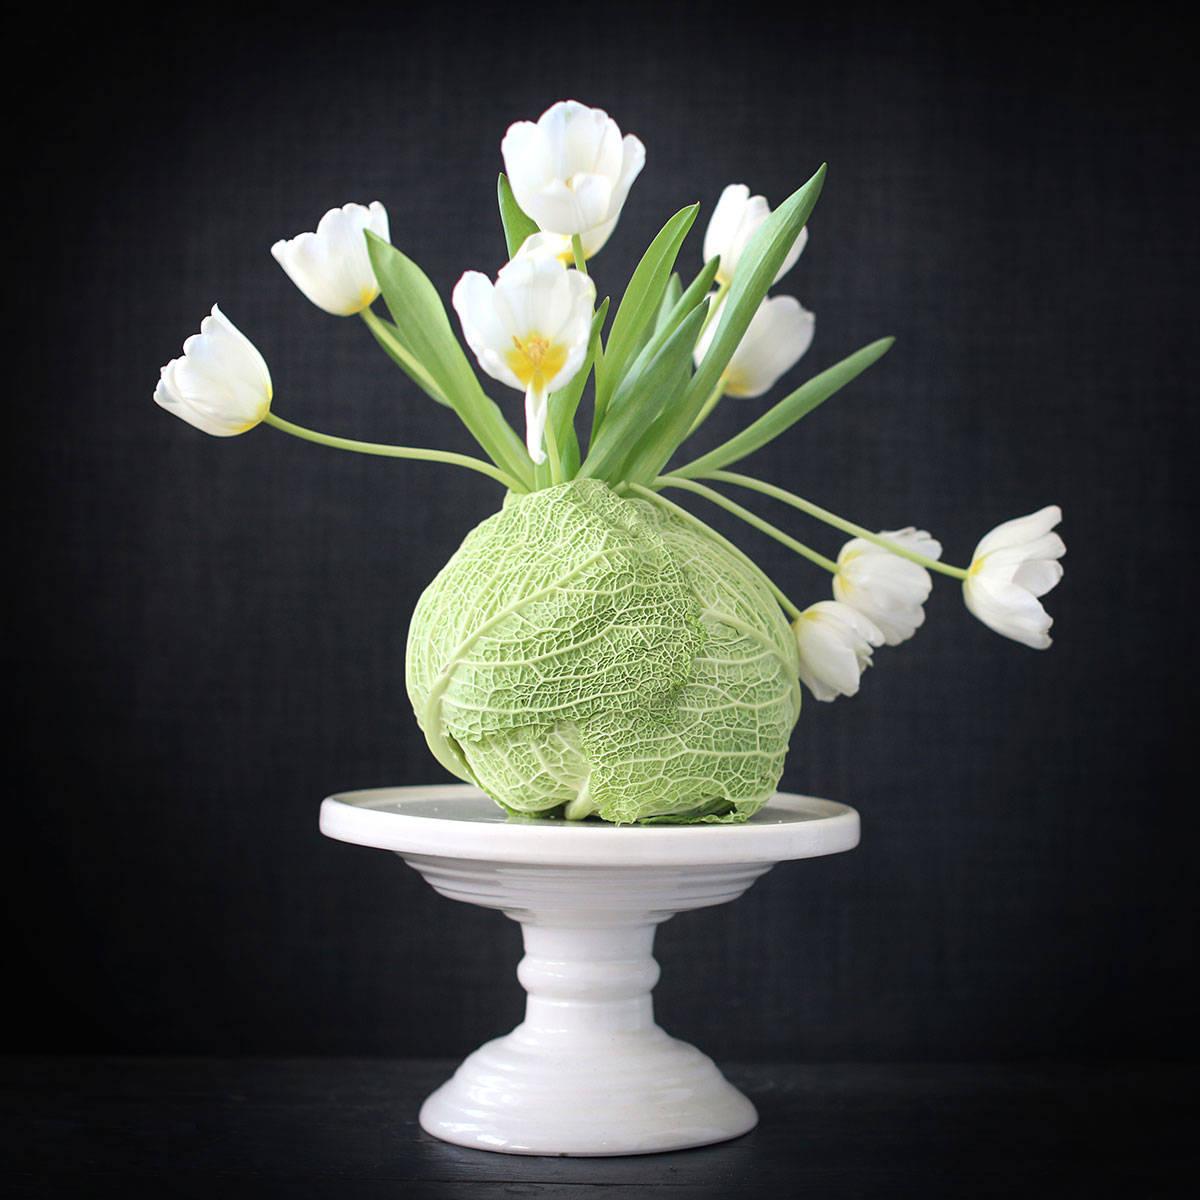 En tulpanbukett i ett kålhuvud i stället för blomvas. Ett arrangemang av Monica Karlstein, med Hemmafixbloggen.